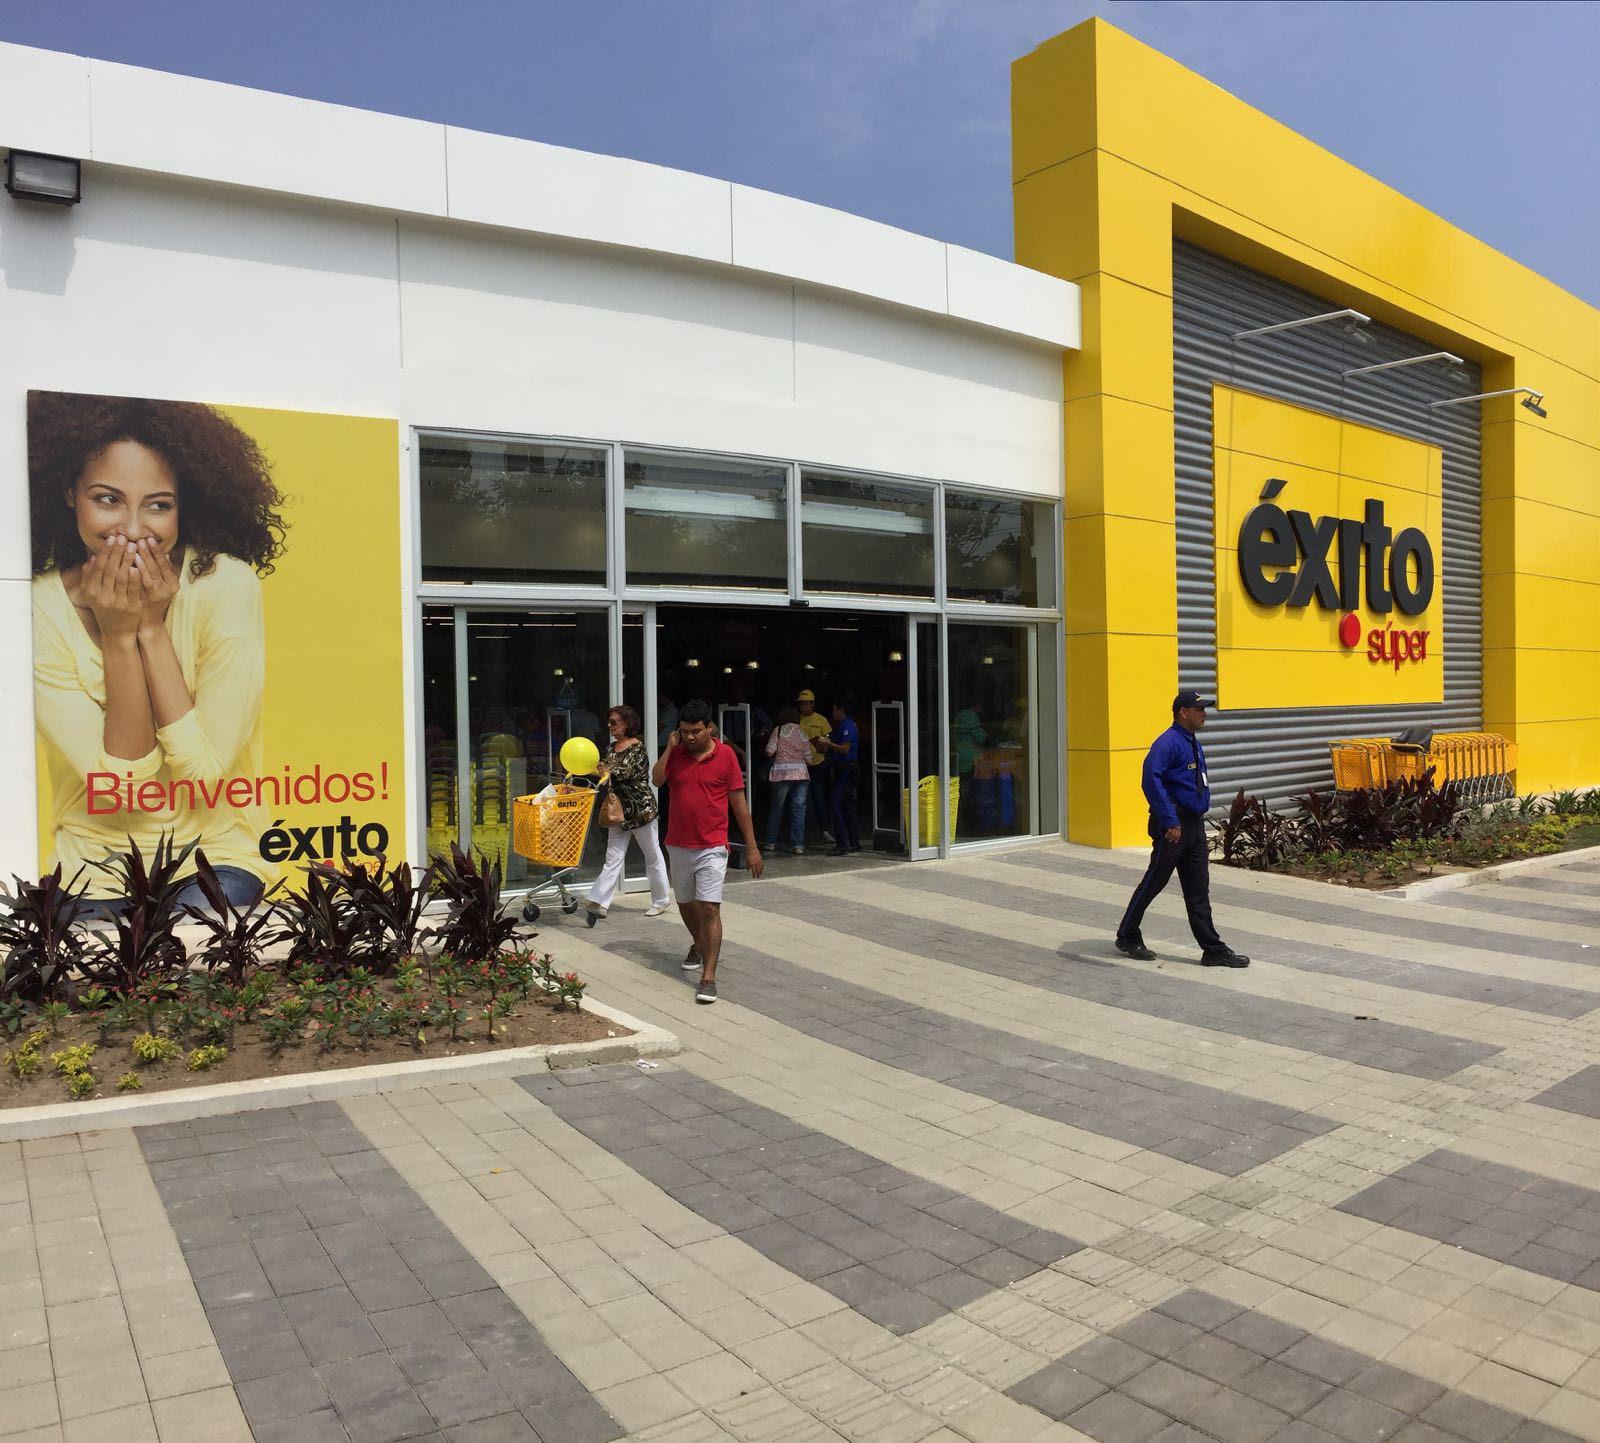 Grupo xito abre dos nuevos almacenes en barranquilla y - Almacen exito barranquilla ...